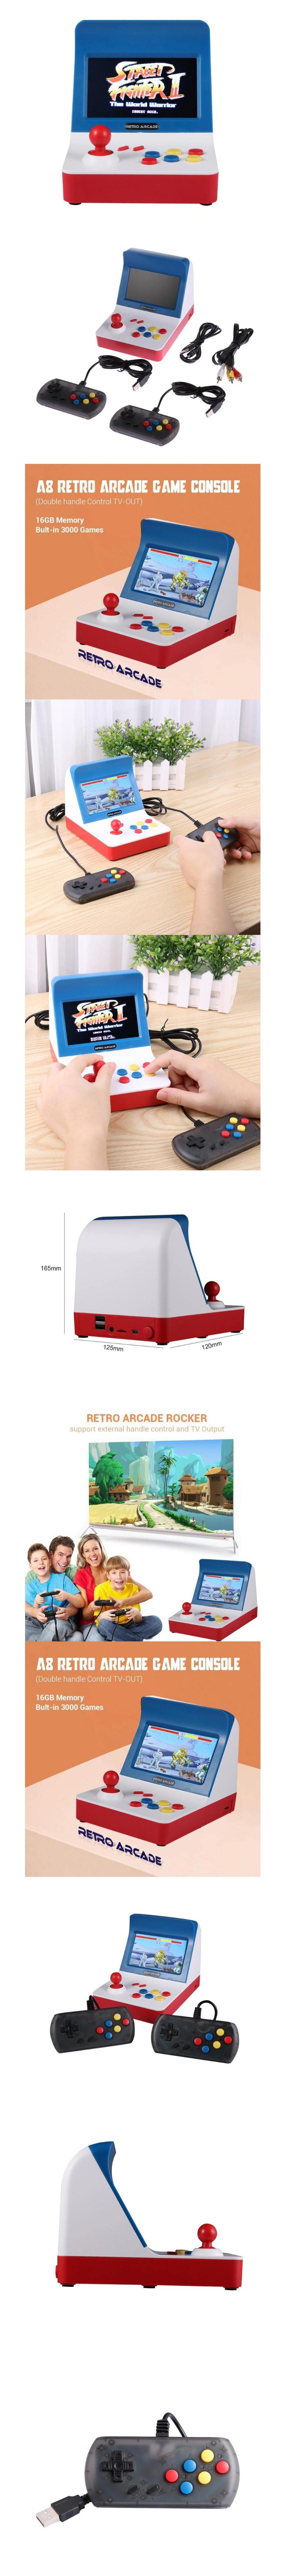 prezentare-consola-gaming-a8b8e26b77985f568b.jpg